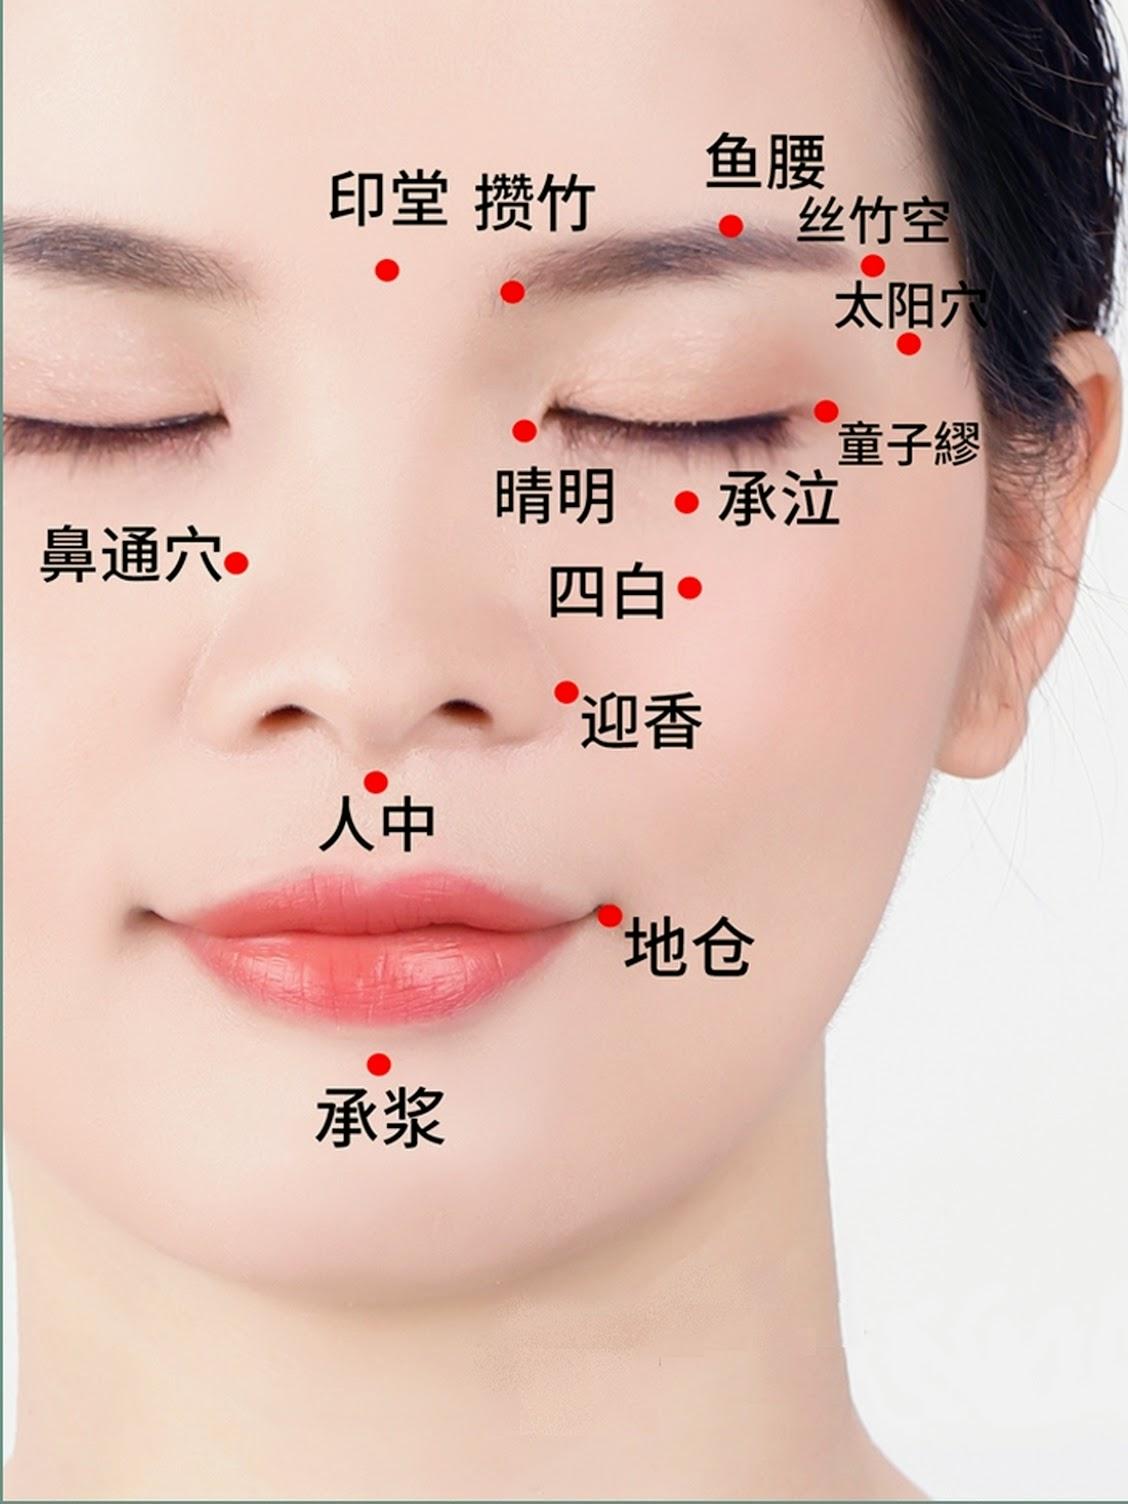 Illustration des points d'acupuncture de la face